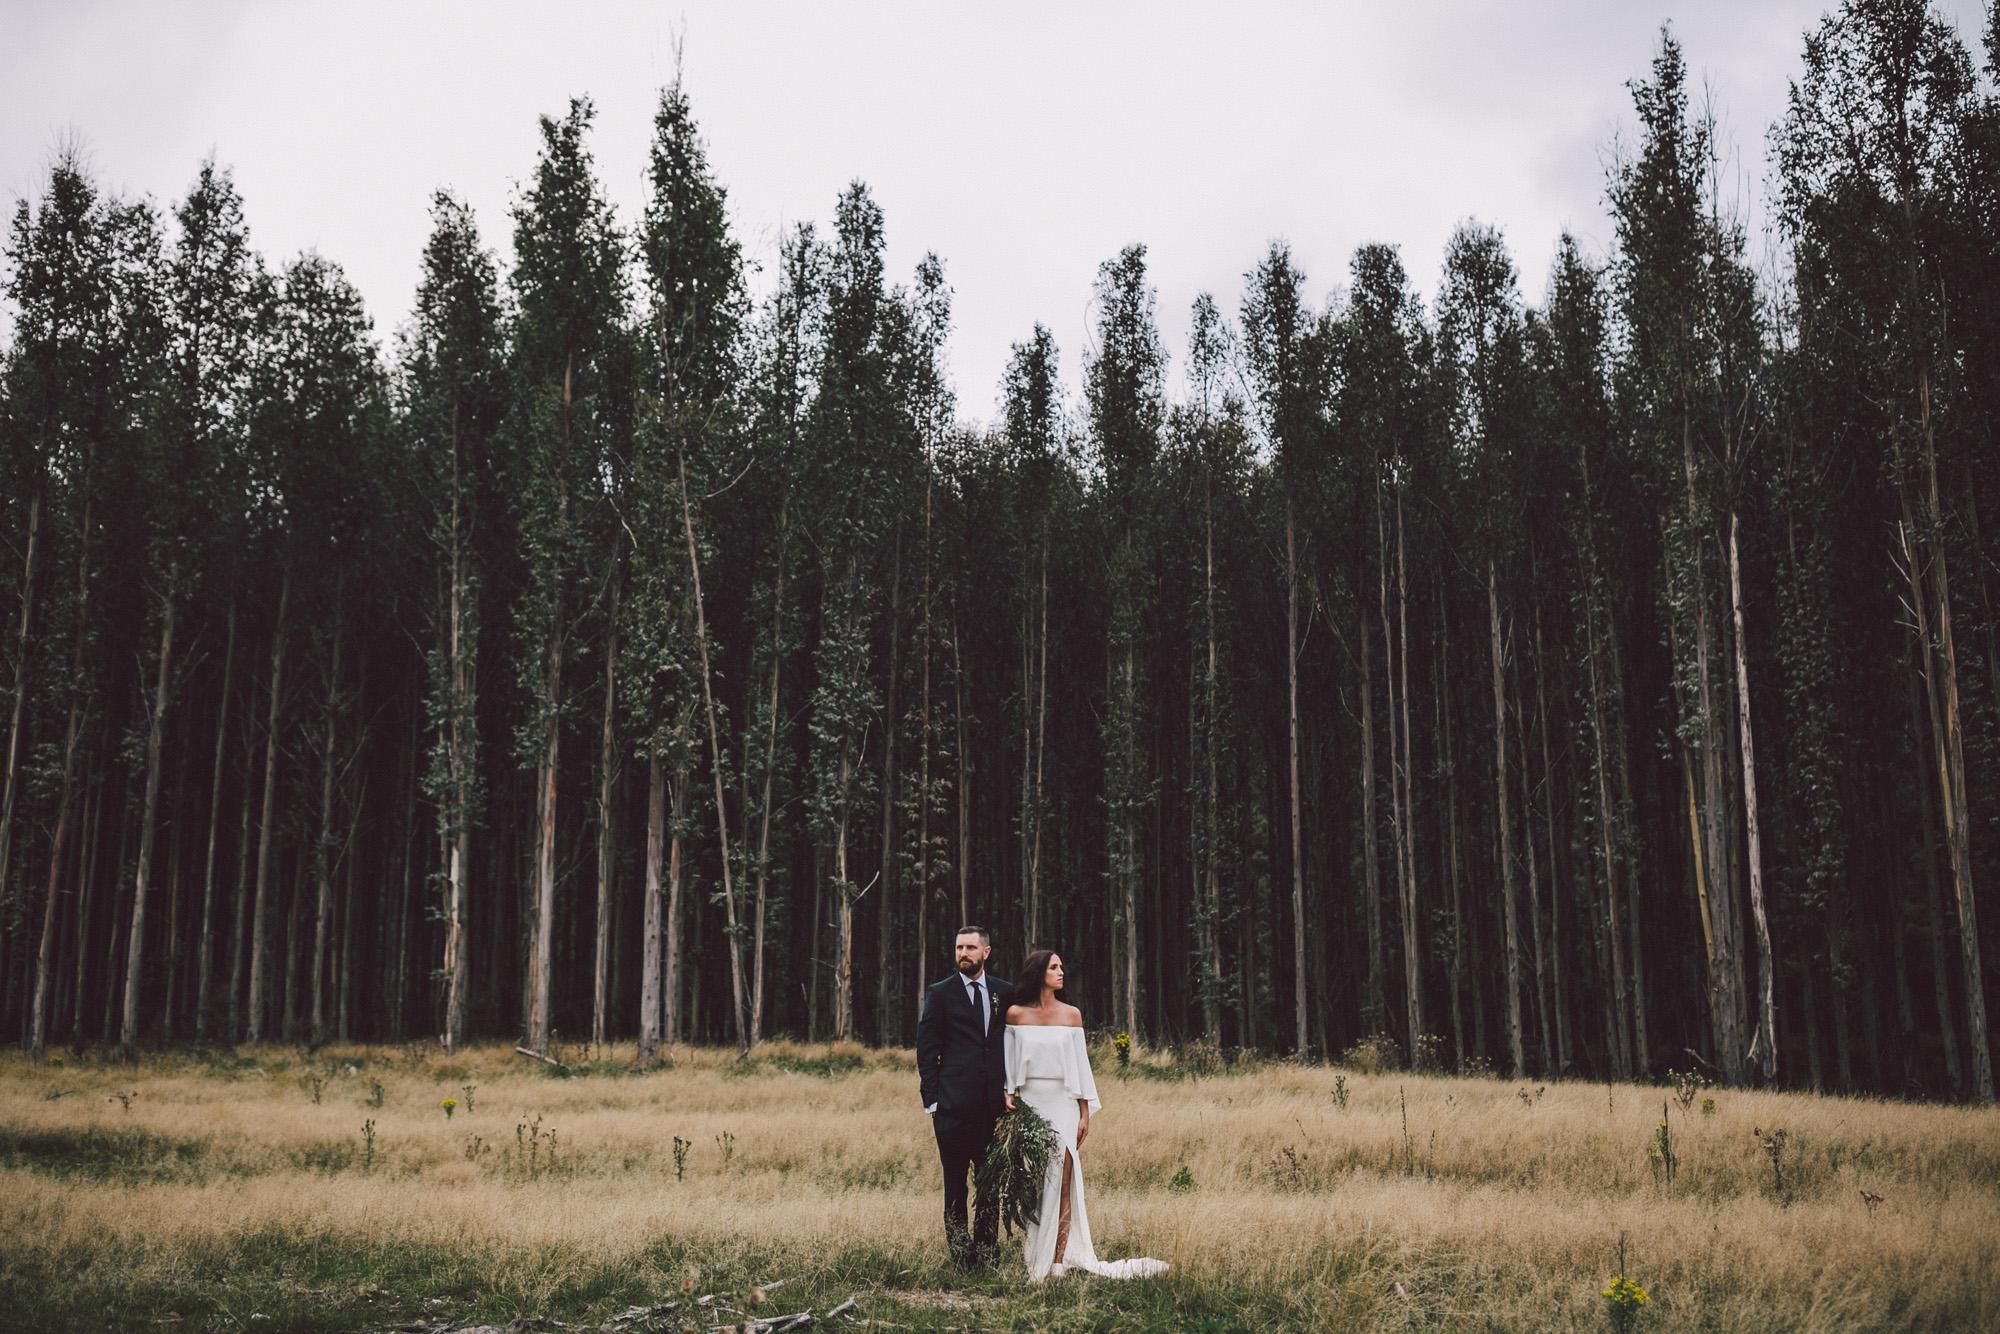 Poronui_Wedding_Sarah_McEvoy_096.jpg